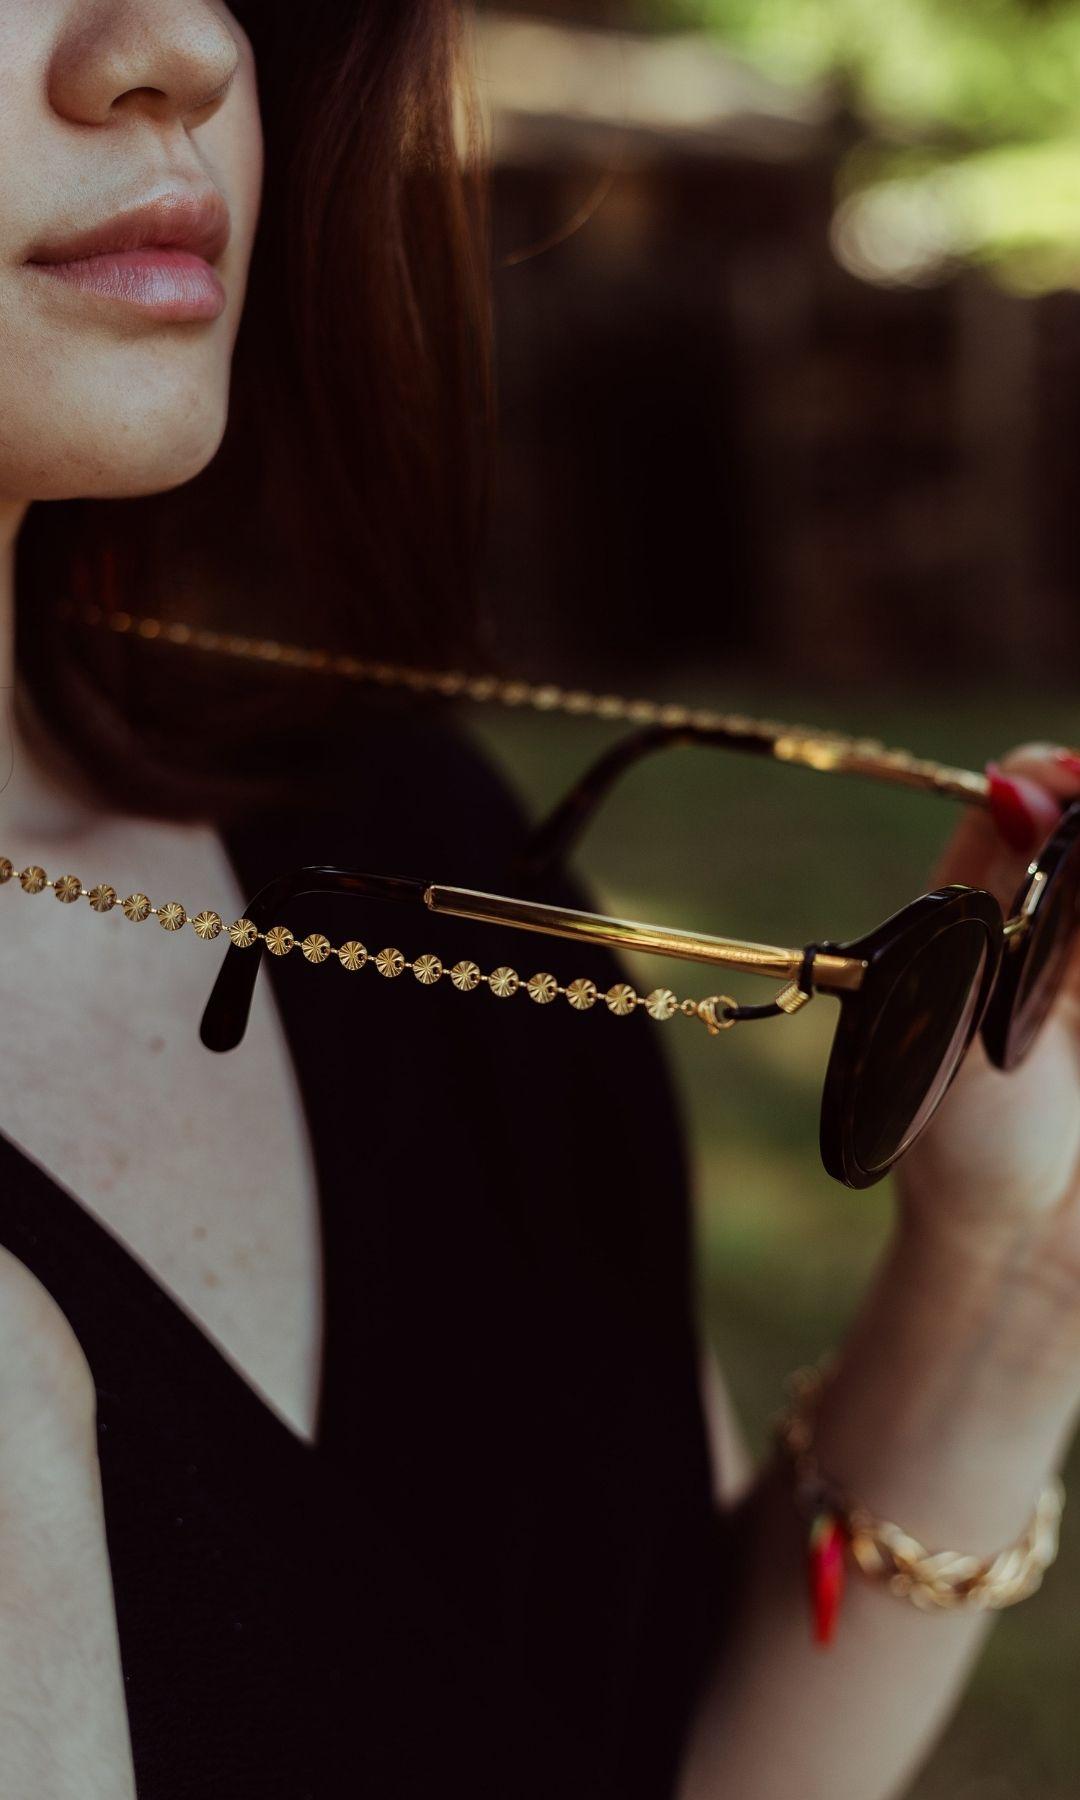 Chaine à lunettes de soleil dorée